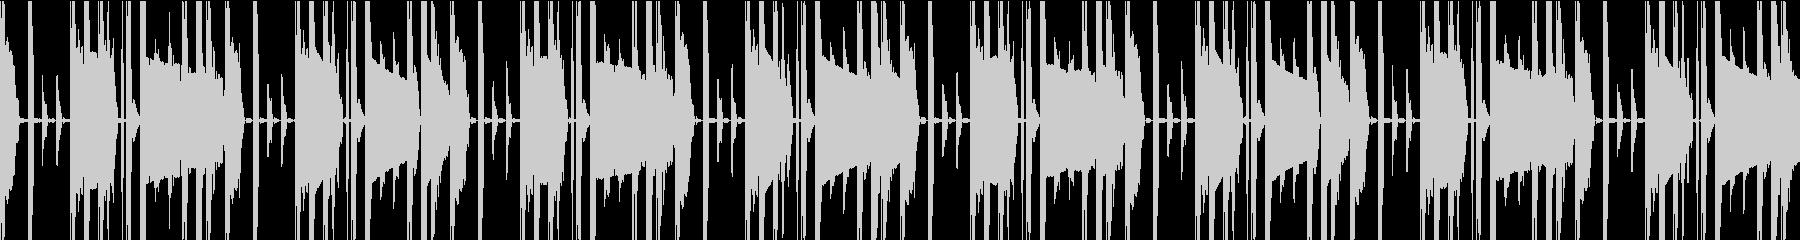 デジタルなシンキングタイム(ループ可)の未再生の波形